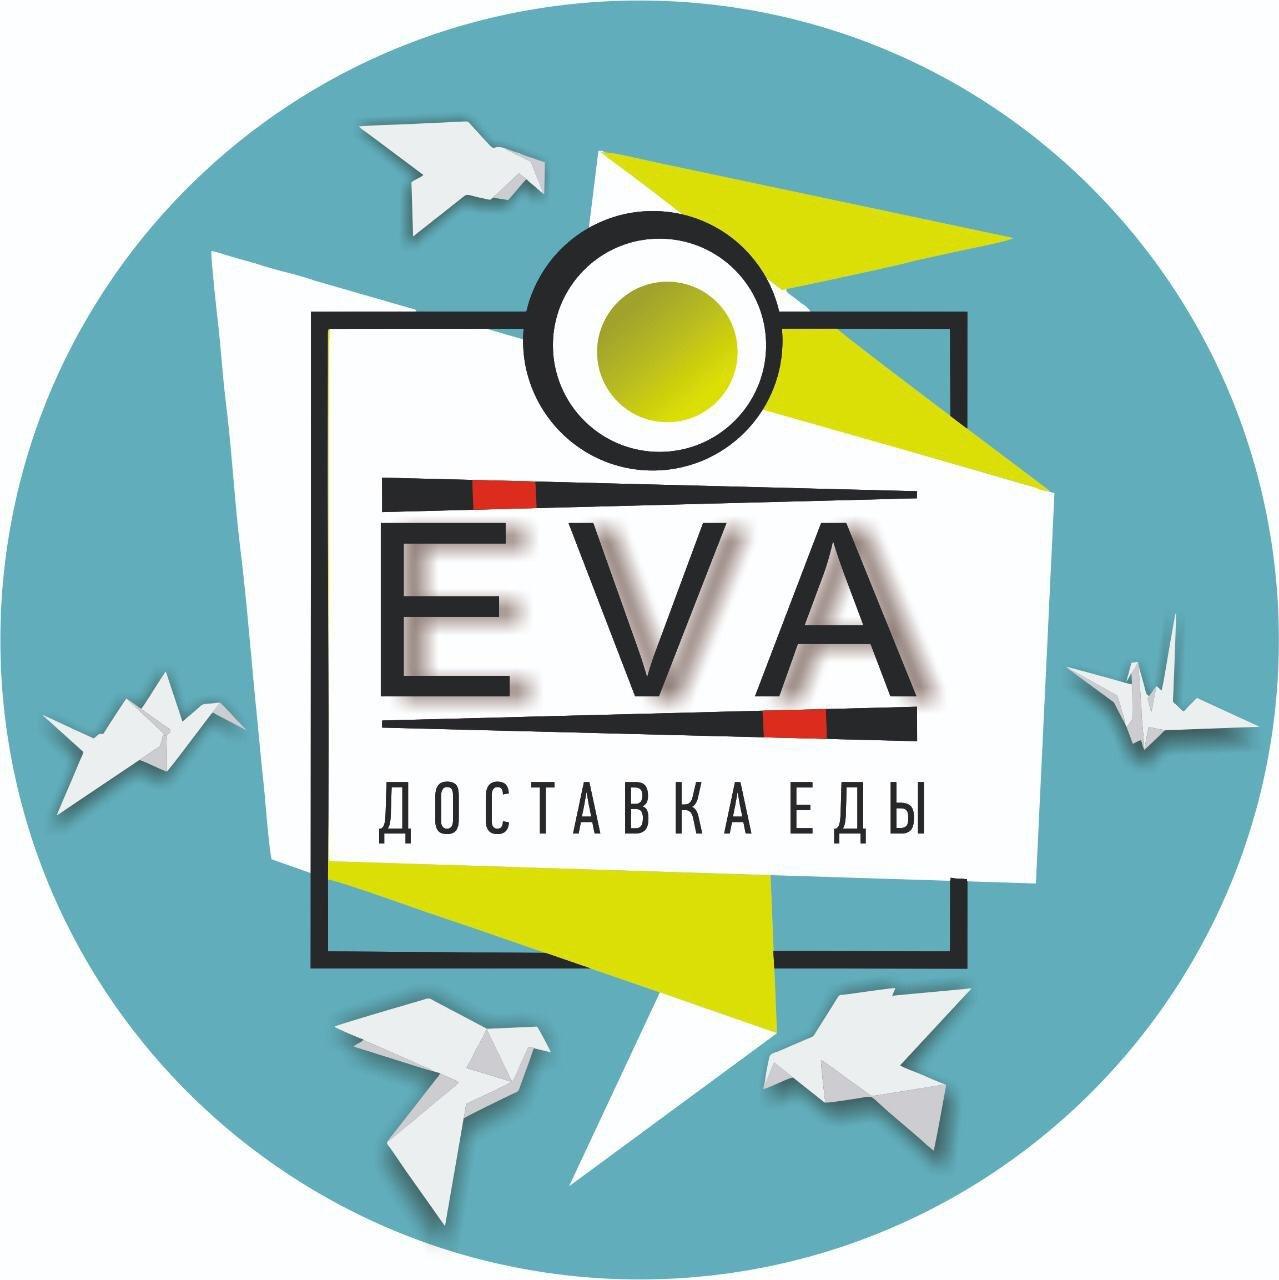 EvaSushiRolli